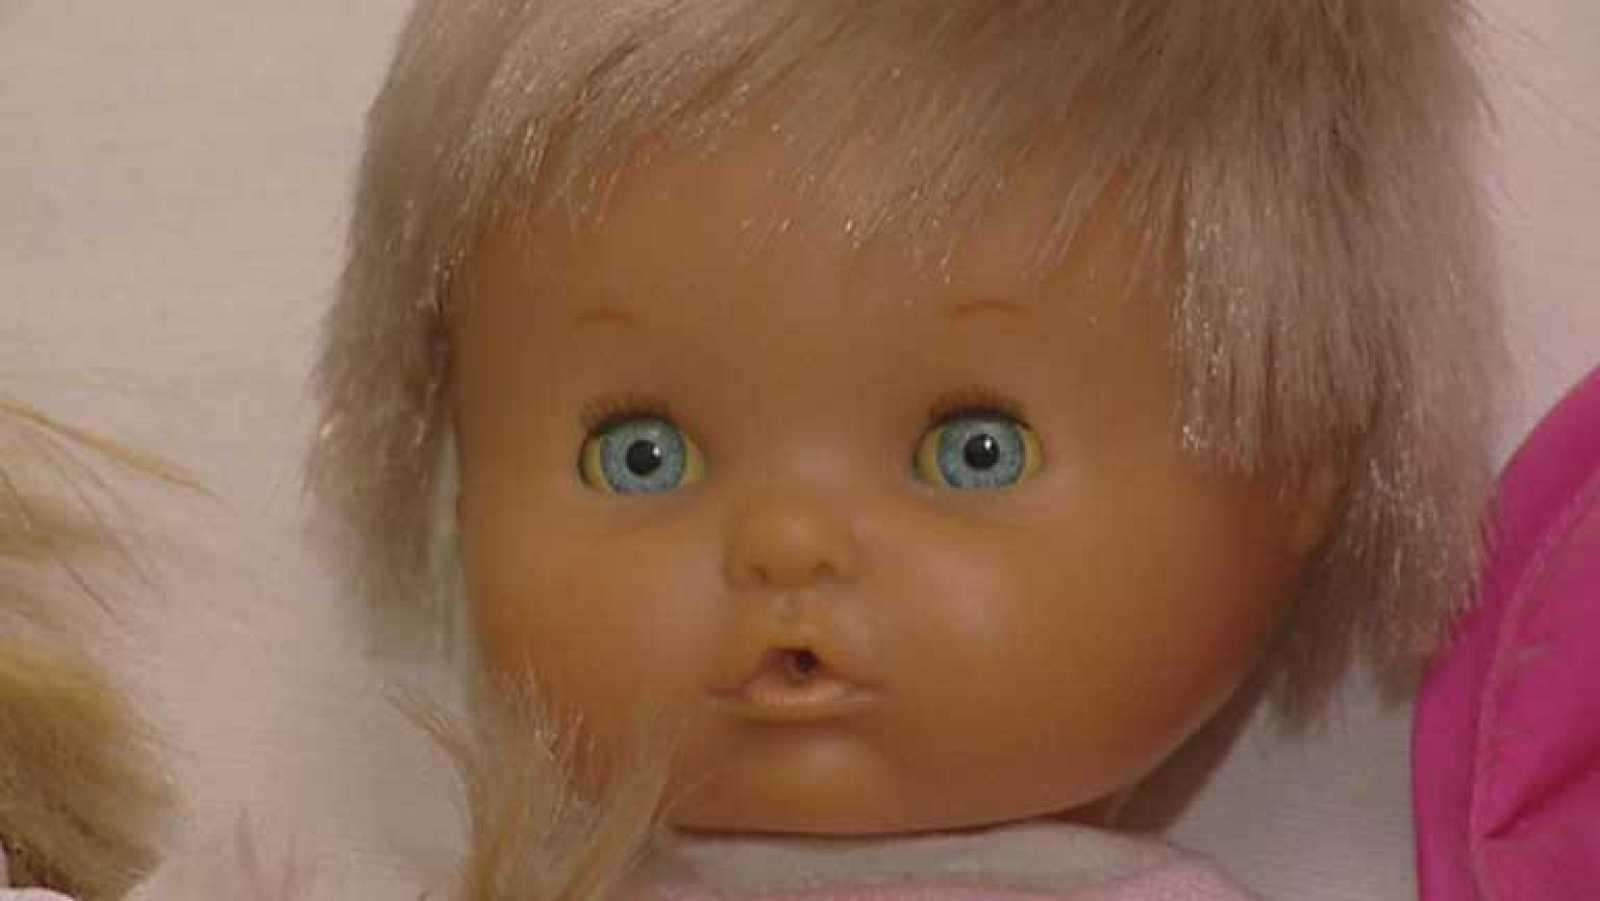 Las muñecas famosa ya se exportan a más de 100 países